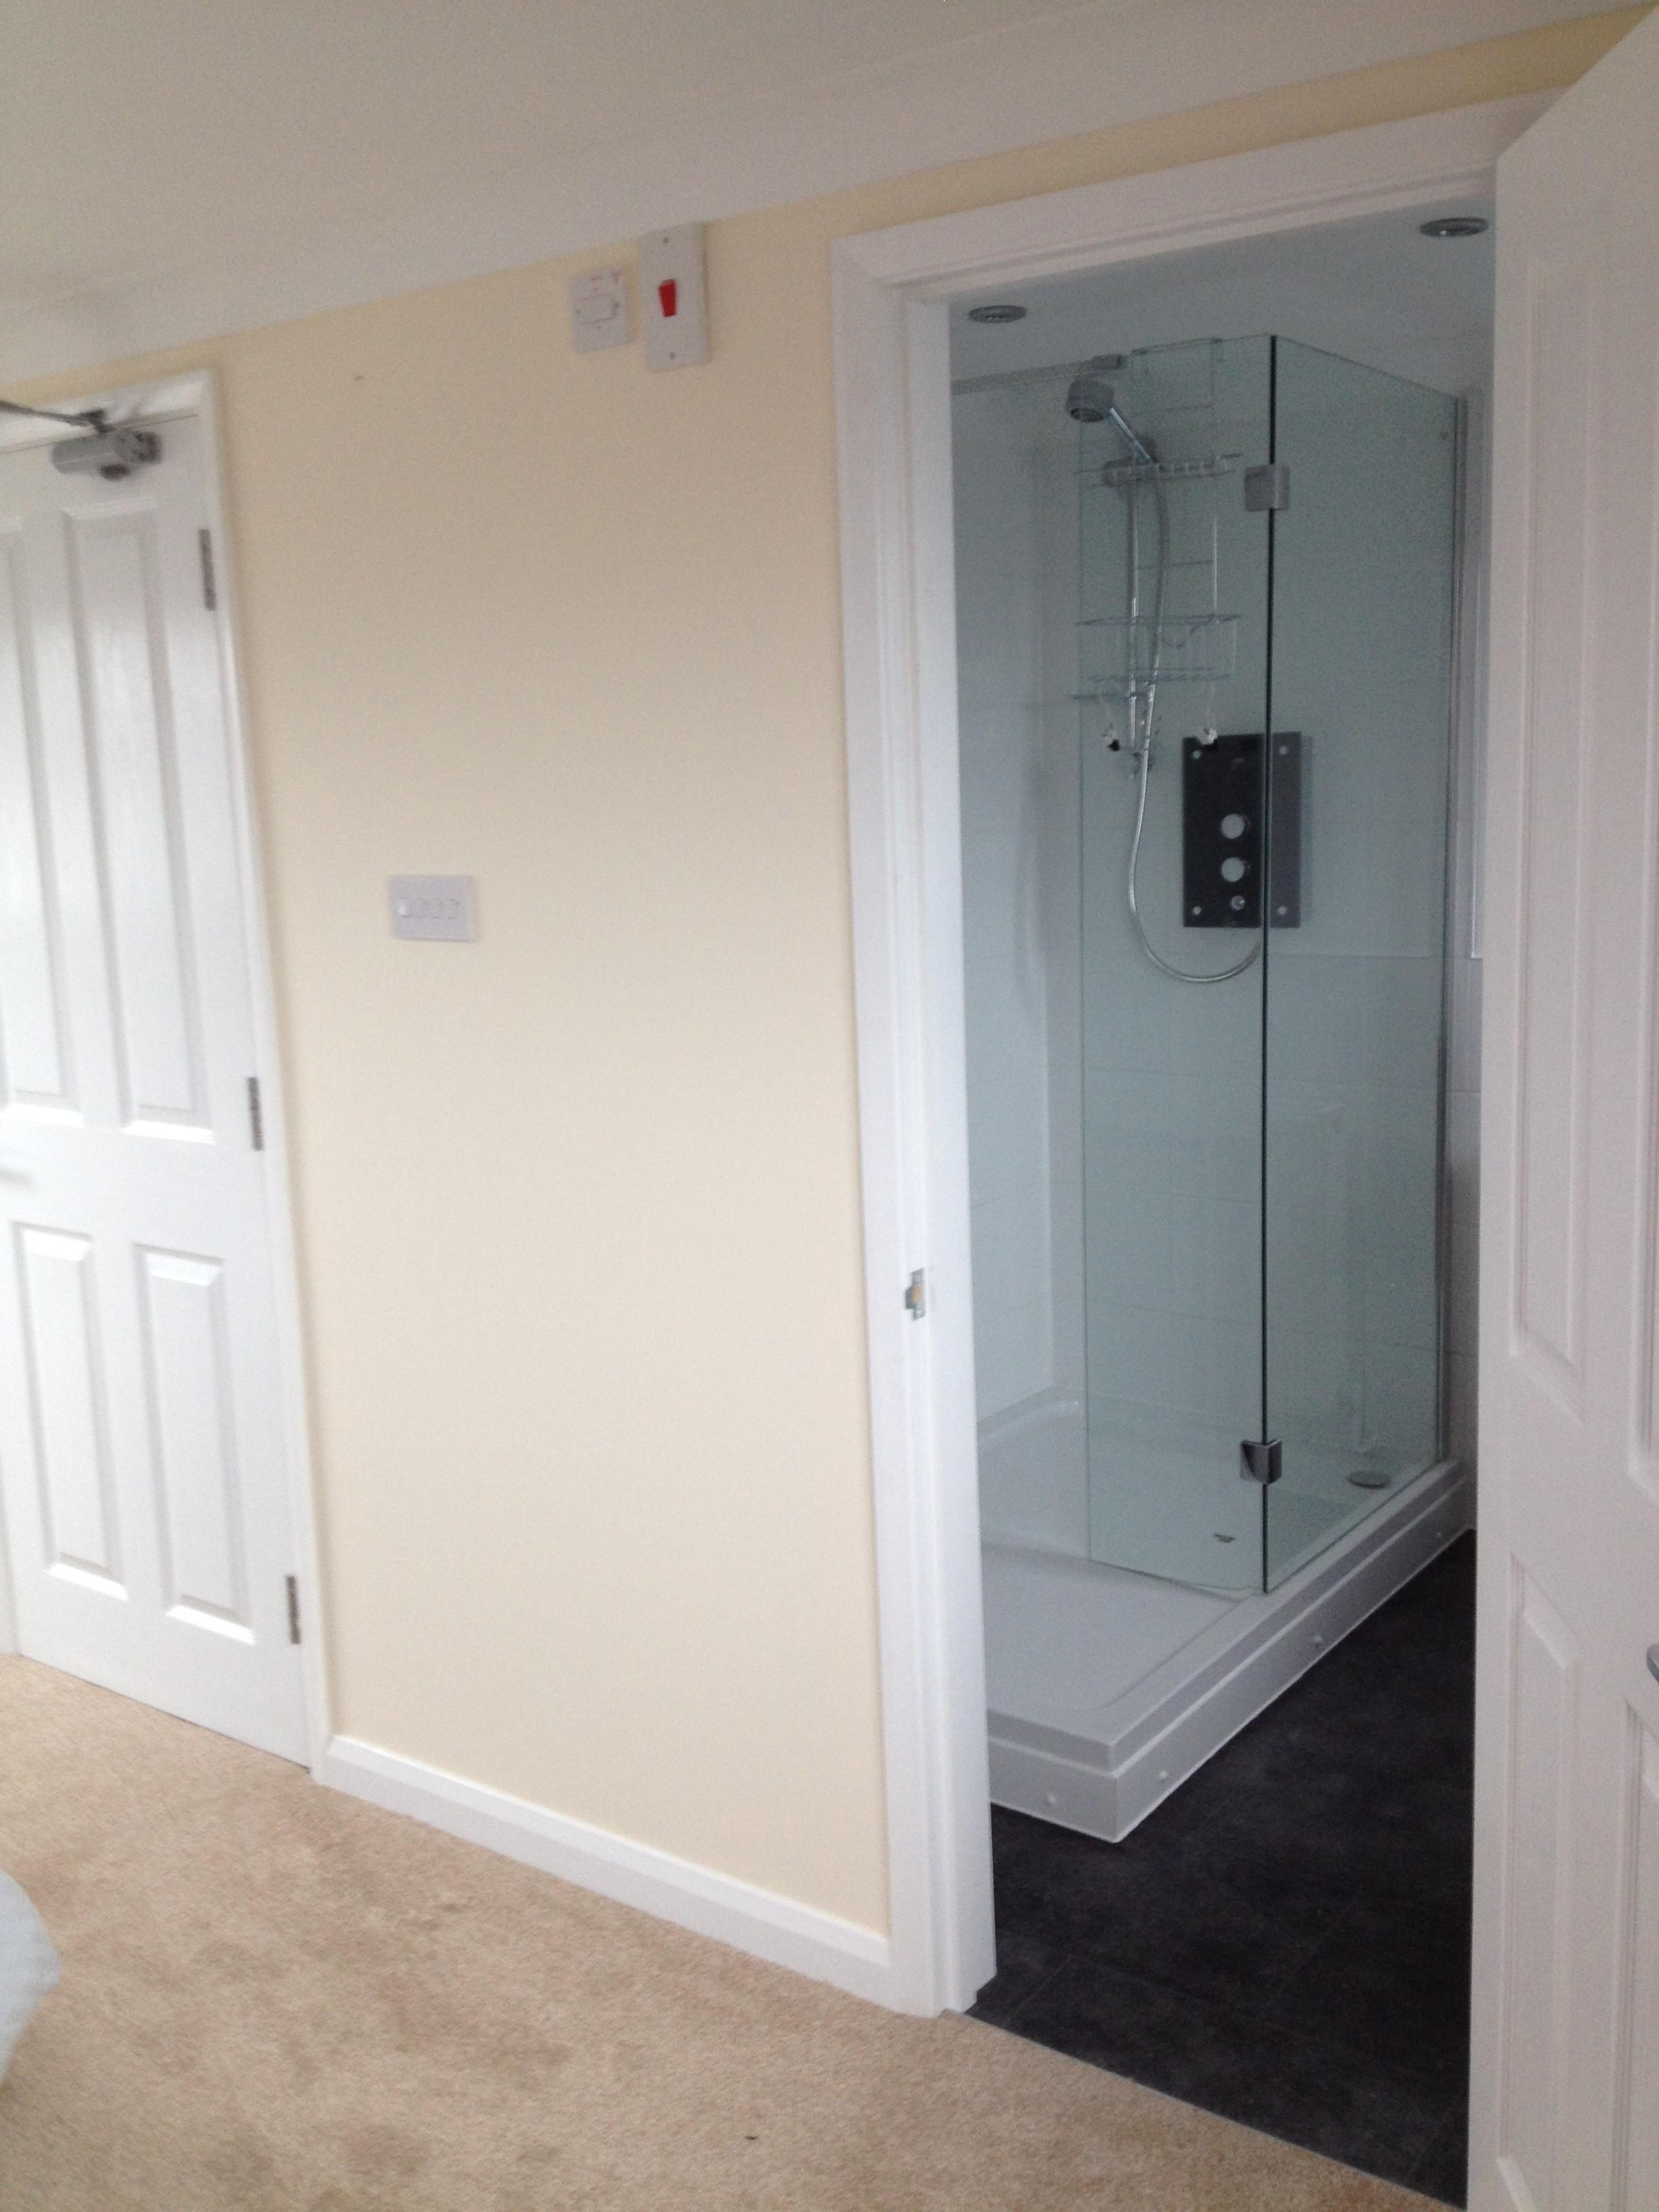 Loft conversion - shower